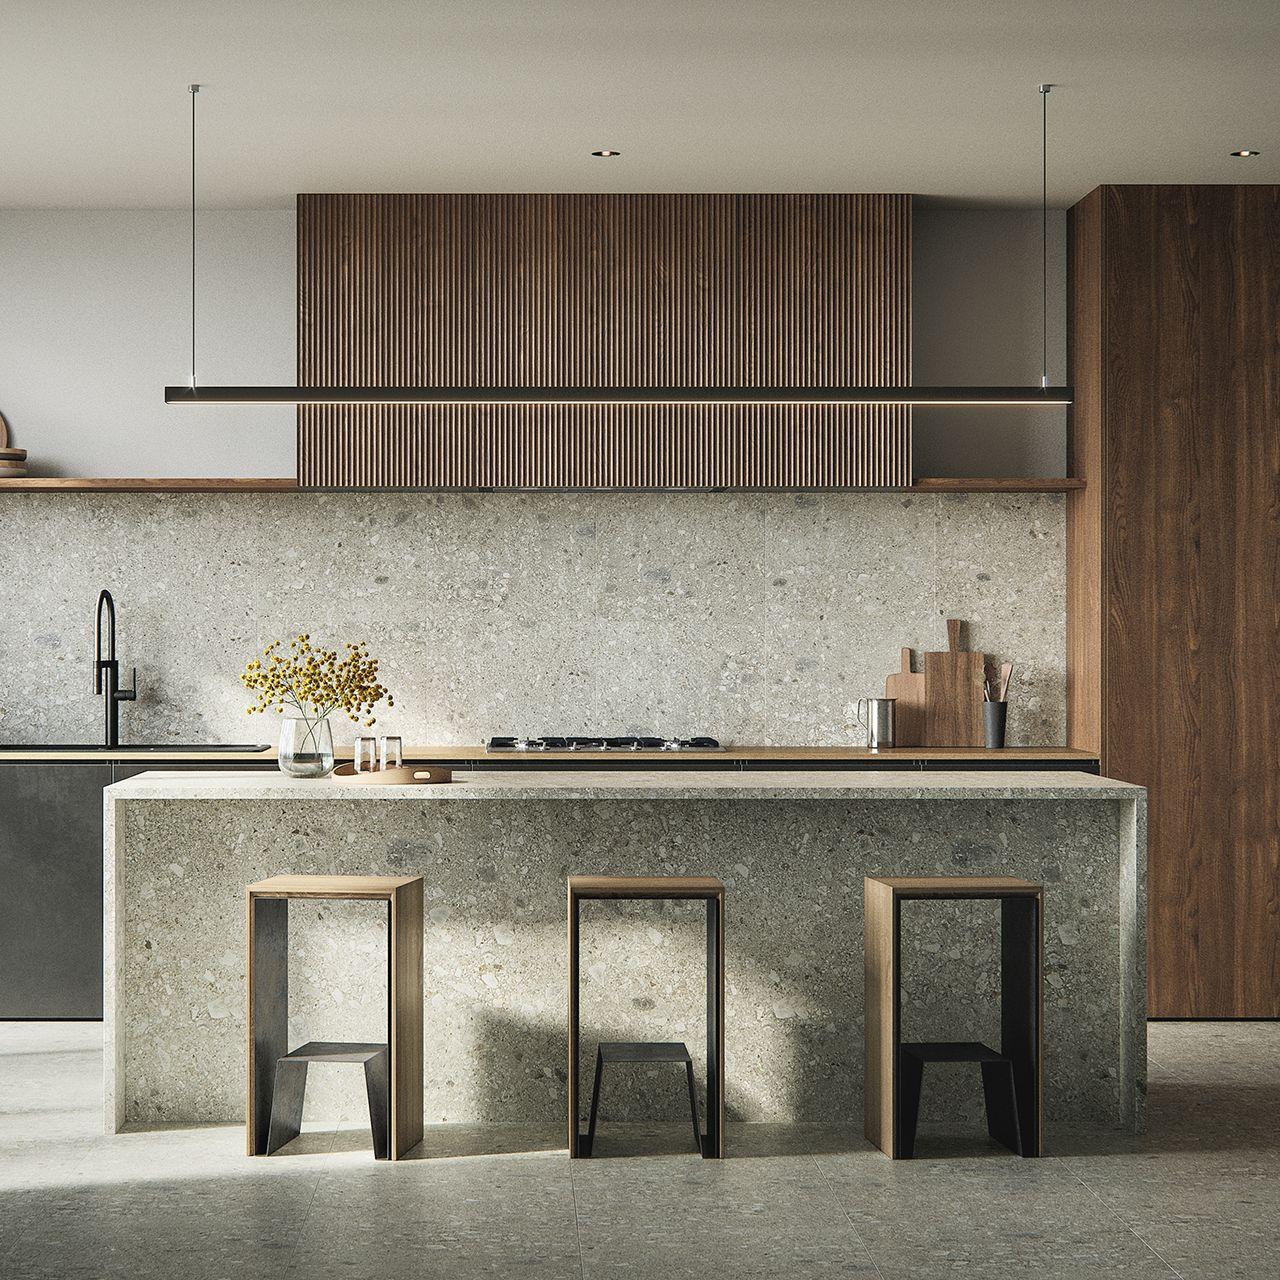 Ethno Motive Modern Kitchen Design Kitchen Room Design Interior Design Kitchen